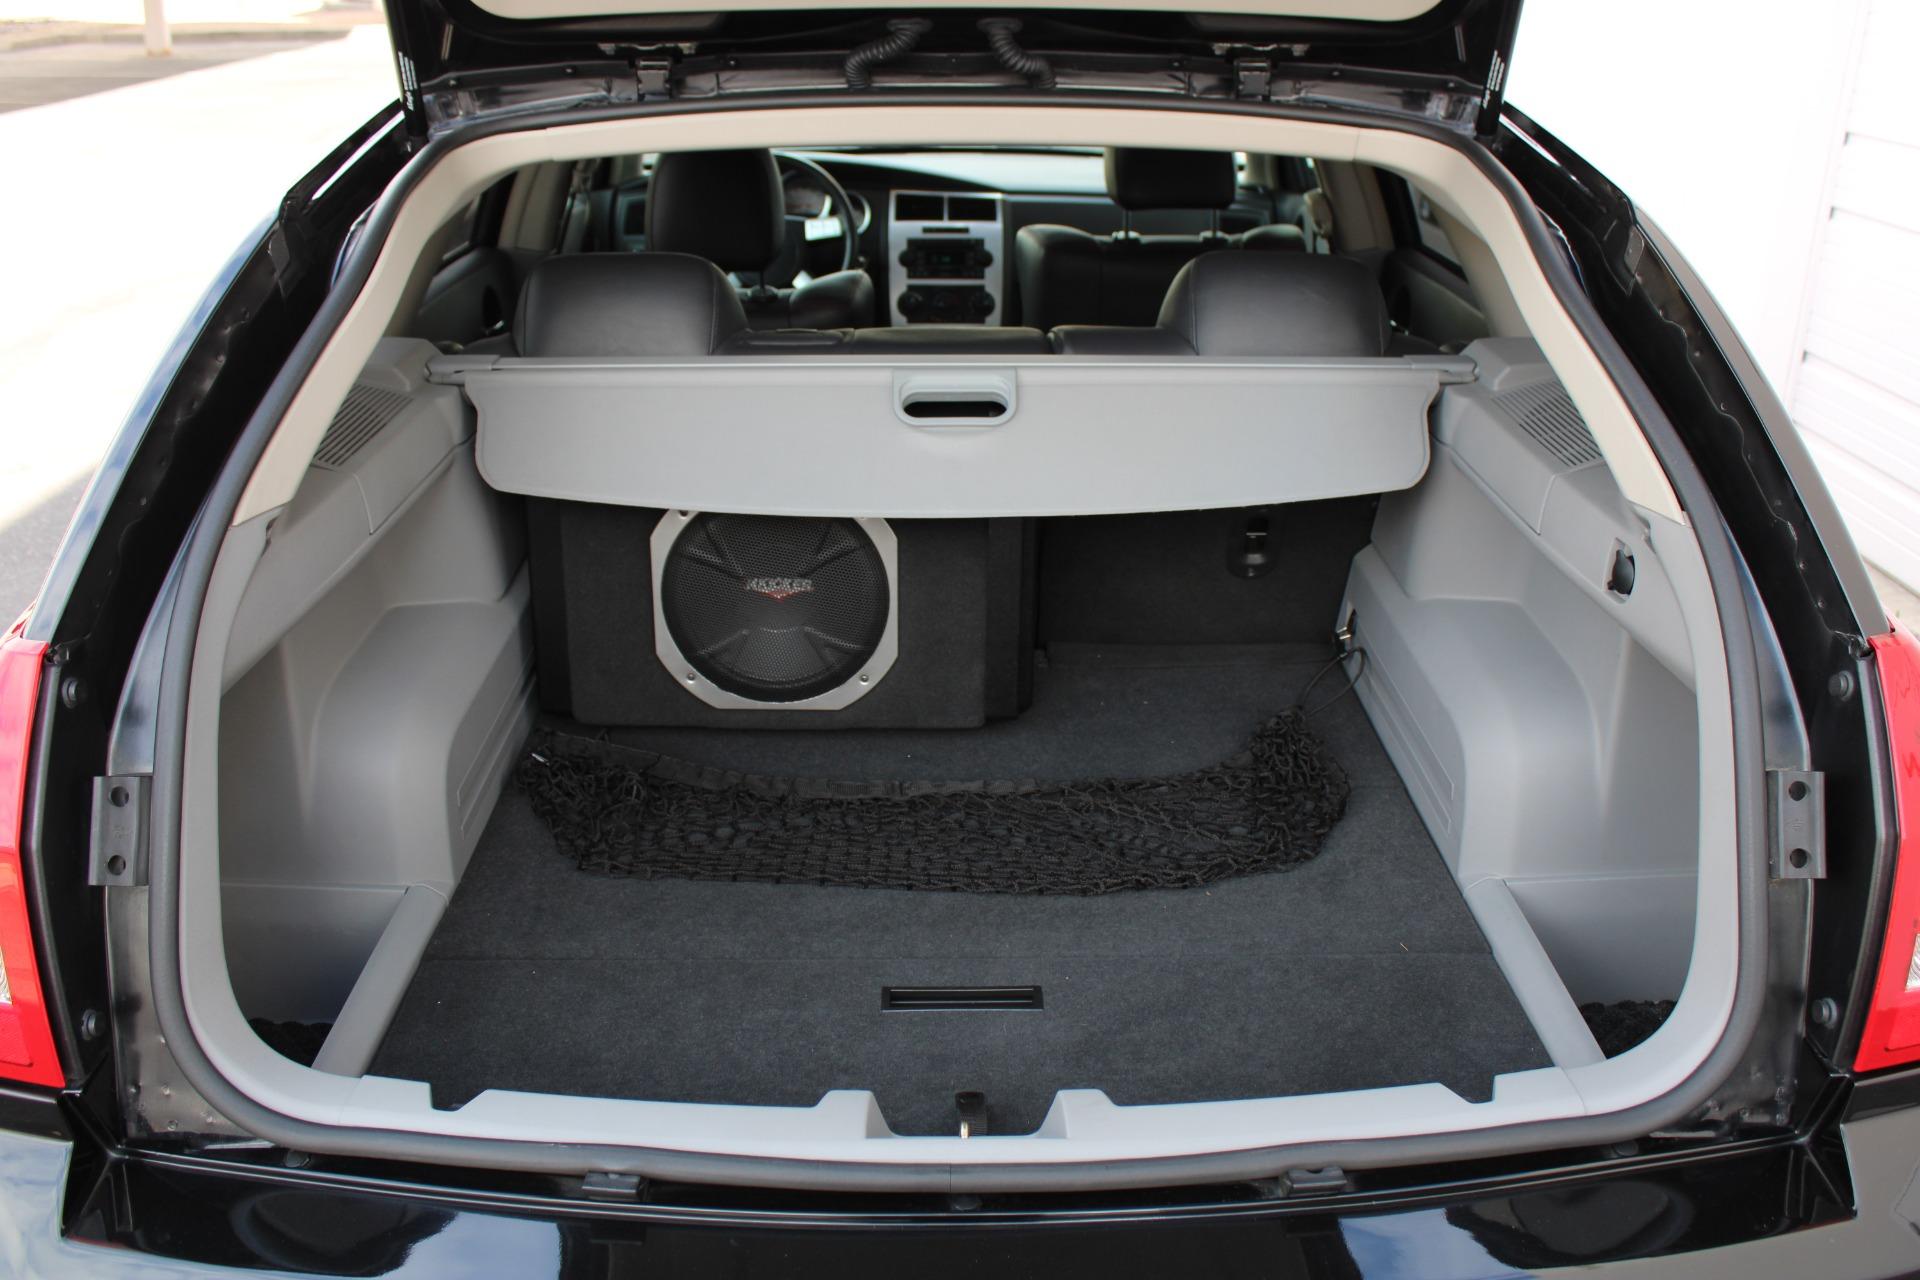 Used-2006-Dodge-Magnum-SRT8-Chalenger